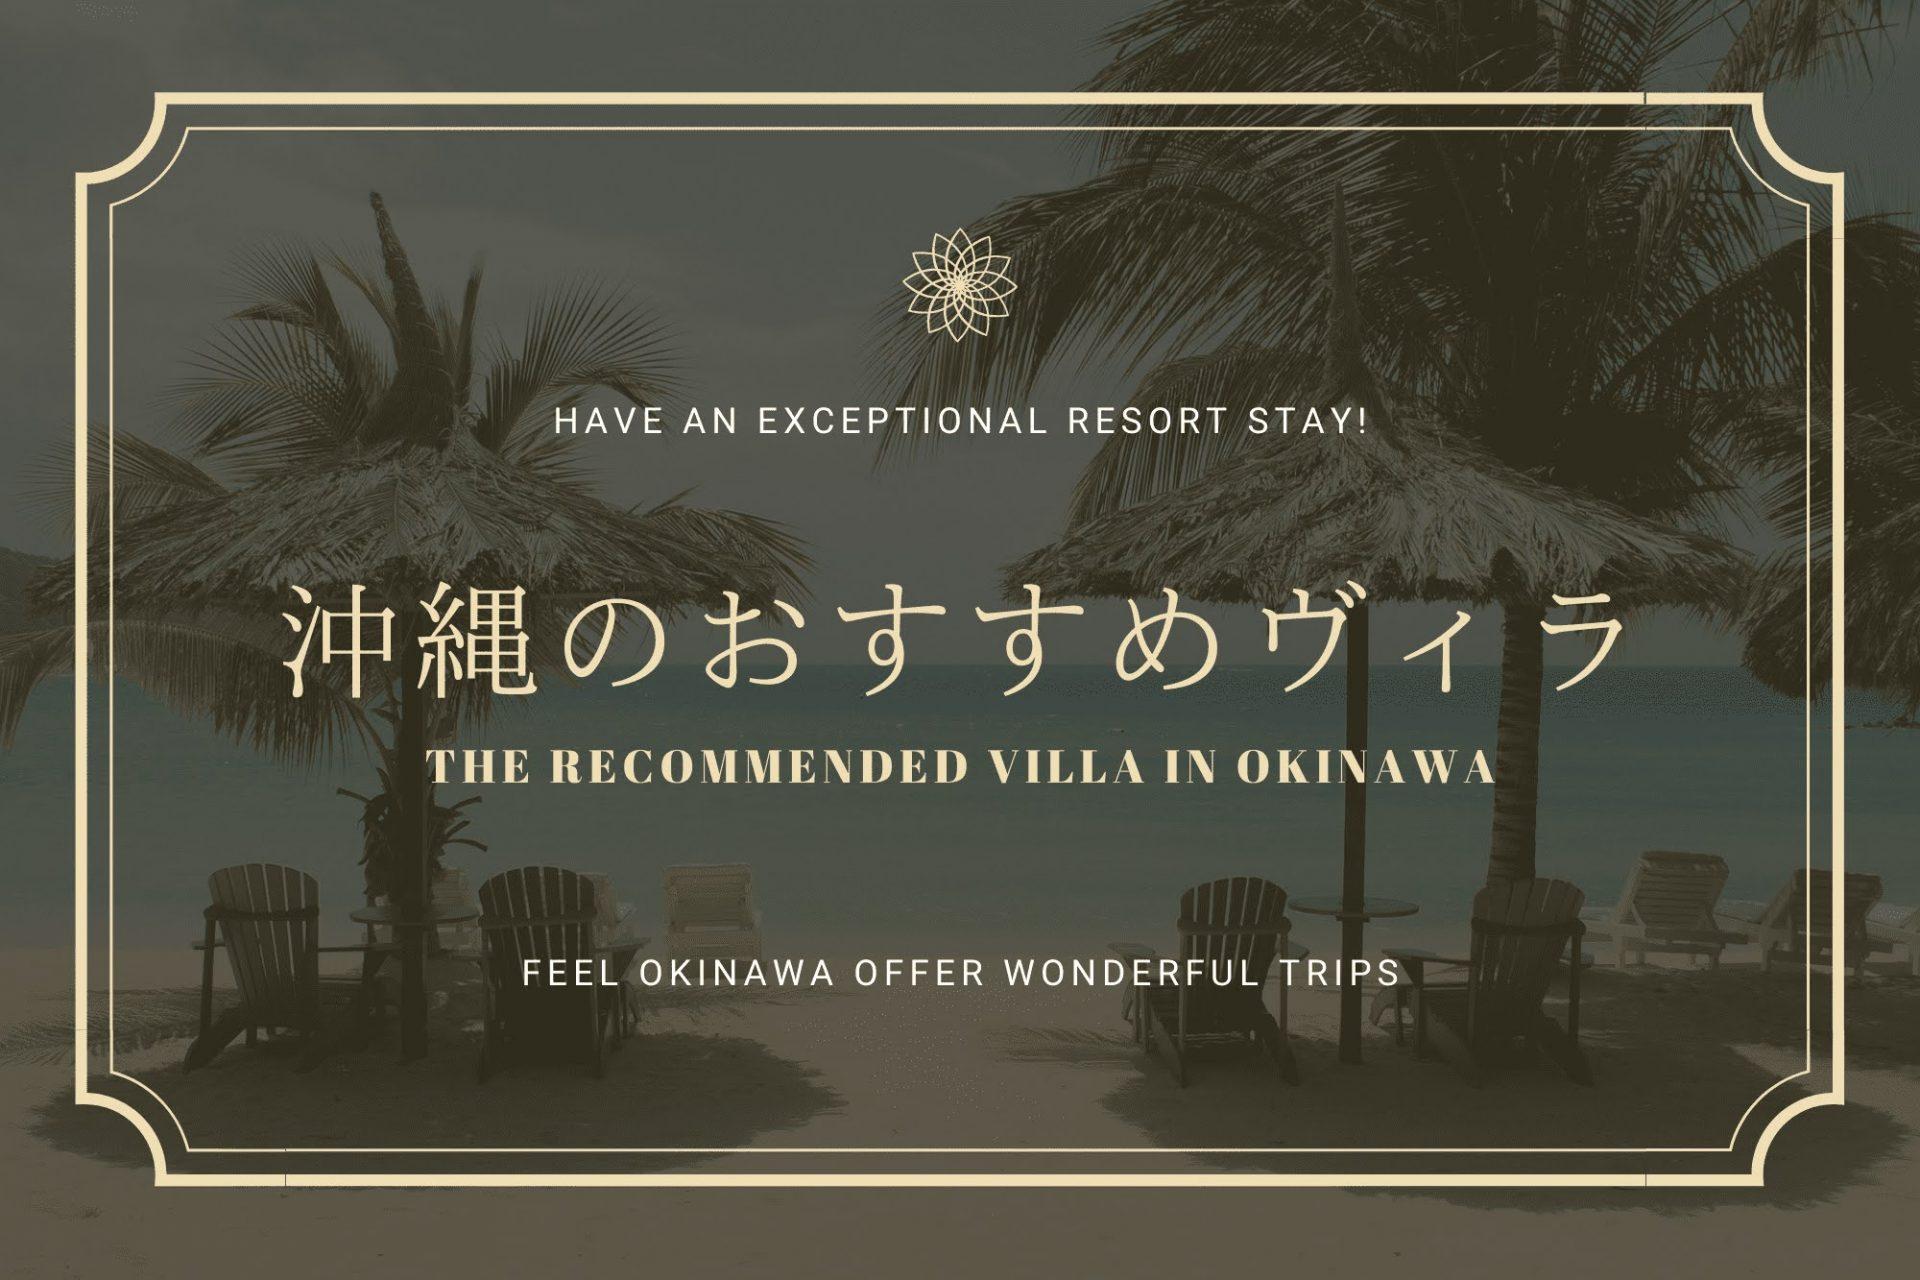 沖縄 おすすめ ヴィラ